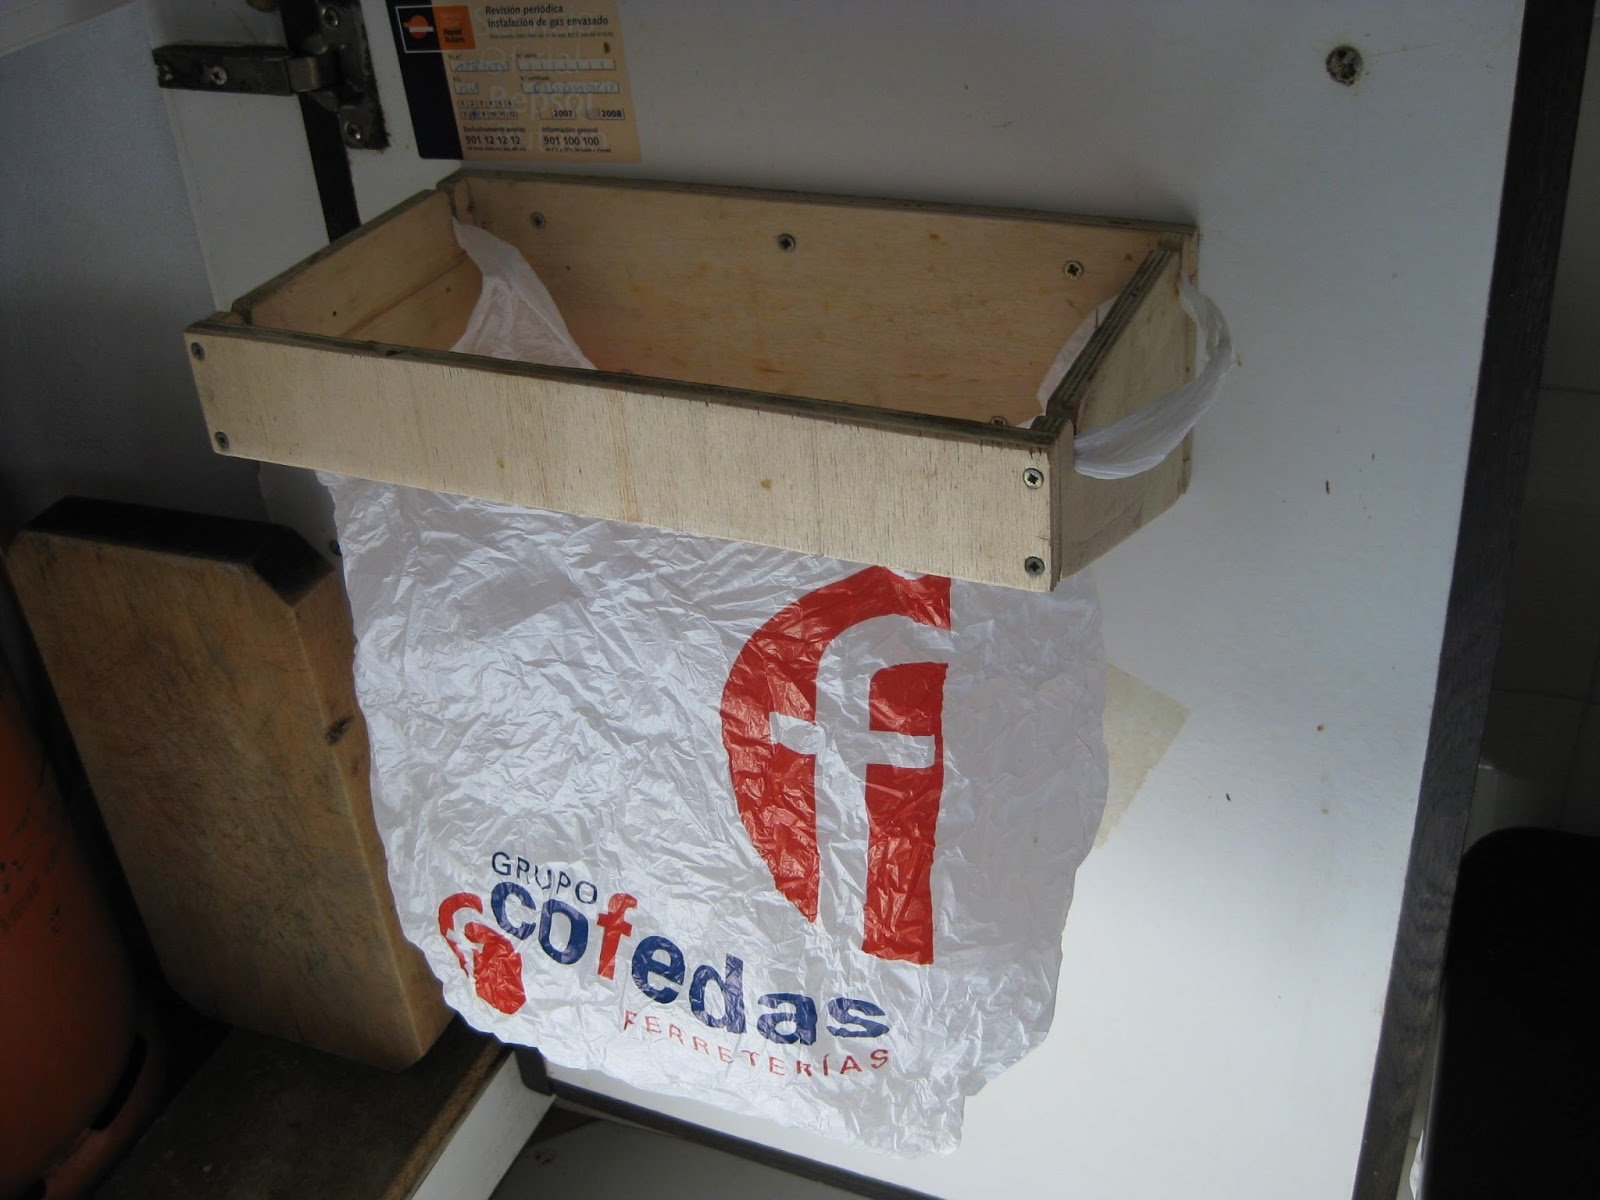 Bricolaje oficios y otras cosas soporte para reciclar for Reciclar muebles de la basura